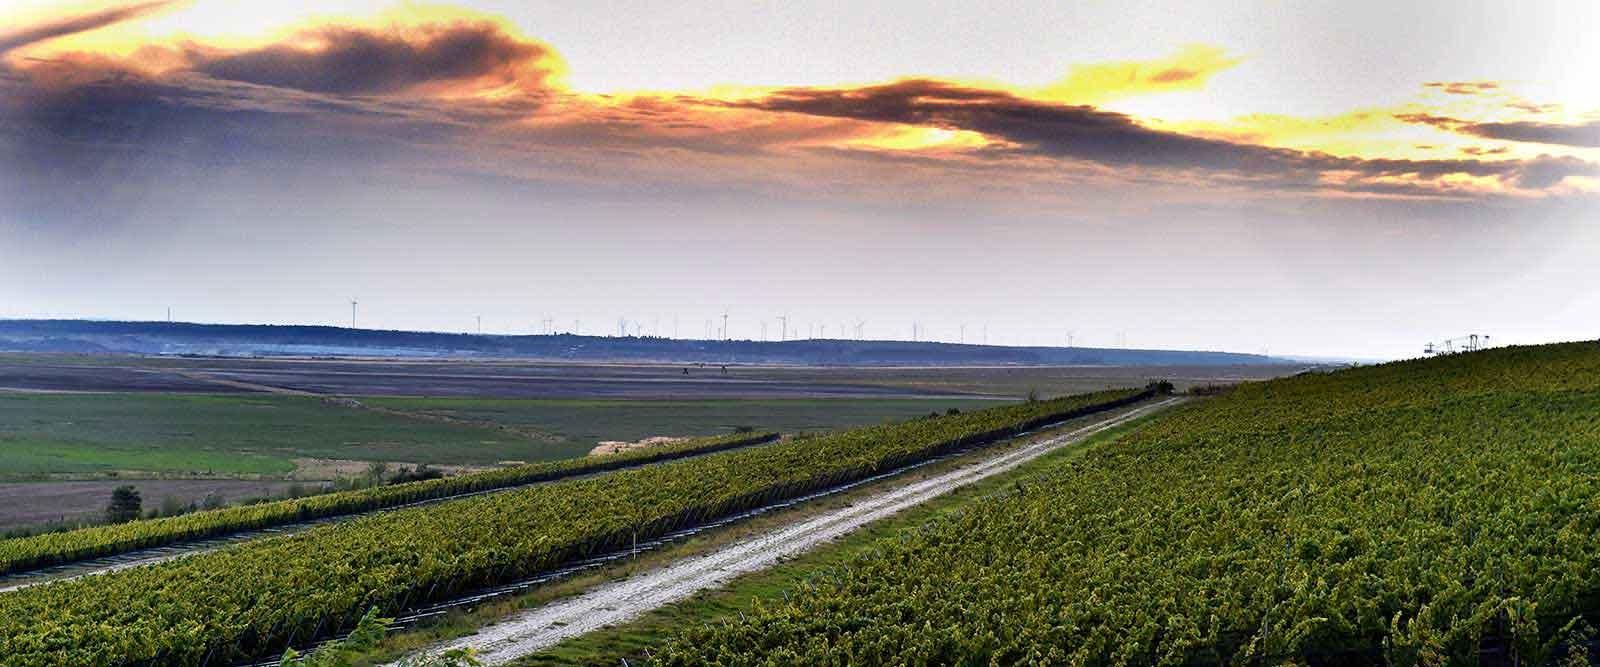 TEAMBRENNER Weintipp Weinbau im Tagebau Wolkenberg Panorama